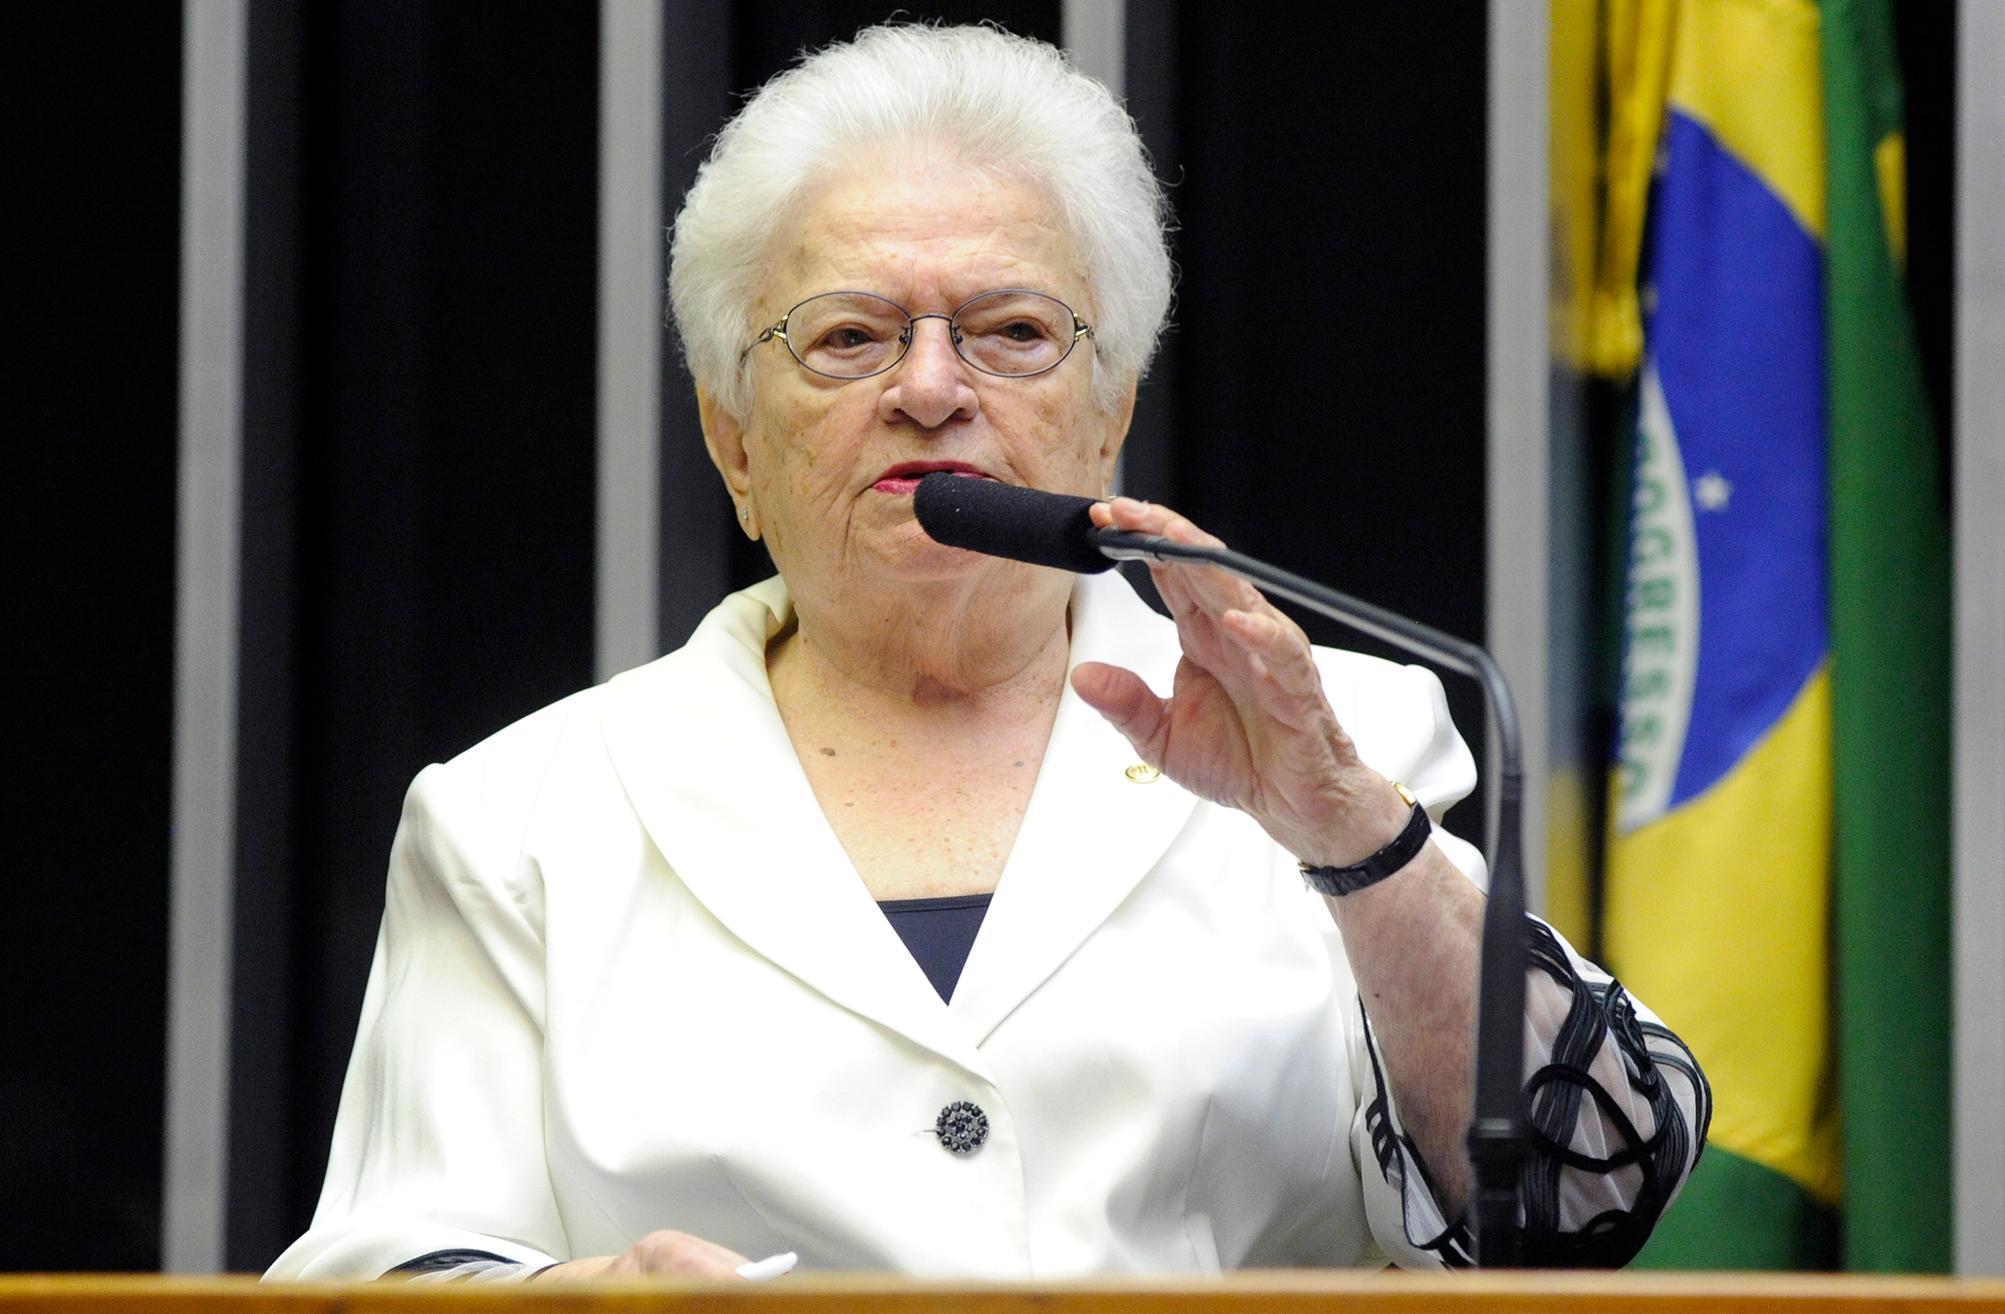 Homenagem Dia Internacional do Direito à Verdade, Sobre Graves Violações aos Direitos Humanos e da Dignidade das Vítima. Dep. Luiza Erundina (PSOL - SP)